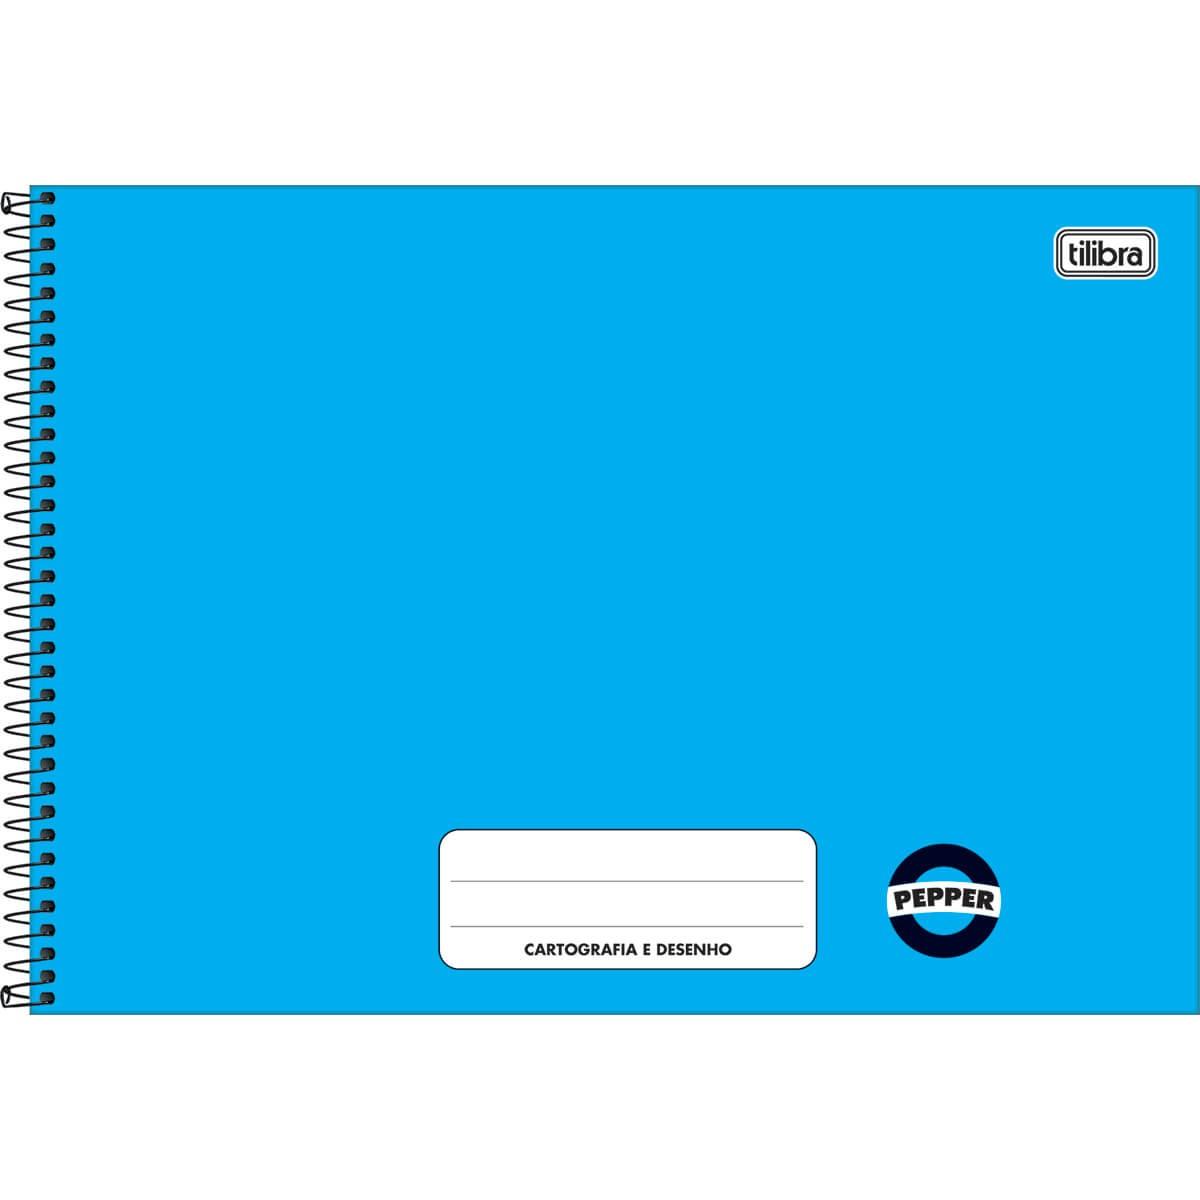 Caderno desenho 80 fls azul PEPPER Tilibra